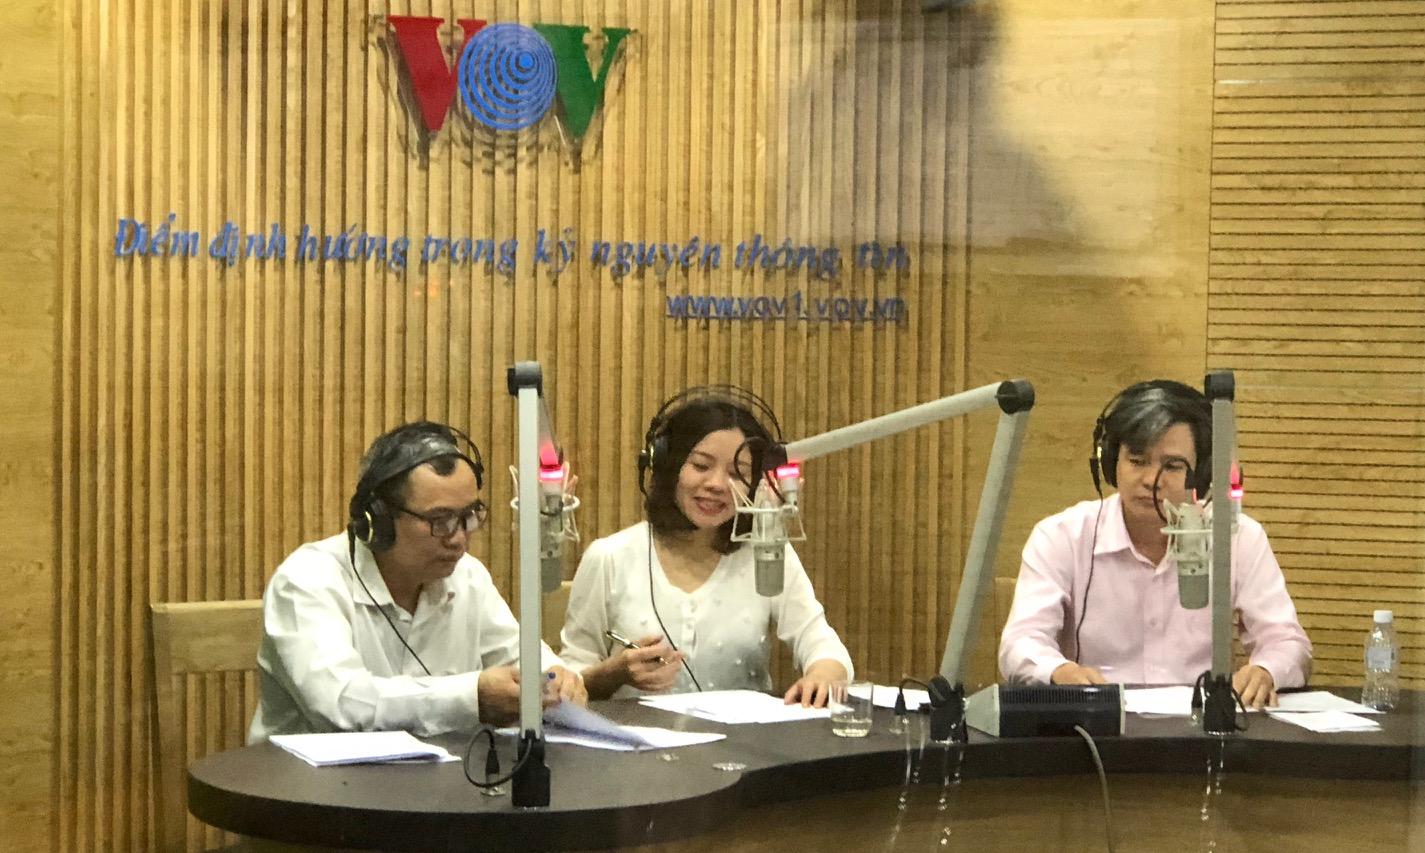 Đưa cử nhân về Hợp tác xã: Giải pháp nâng cao năng lực hoạt động của các Hợp tác xã nông nghiệp (7/4/2018)